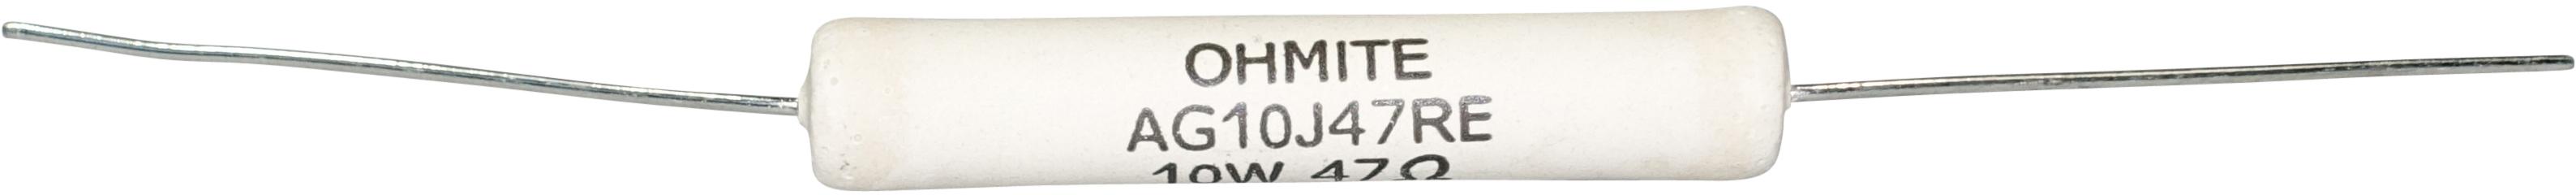 Ohmite Audio Gold 10W - 22 Ohm